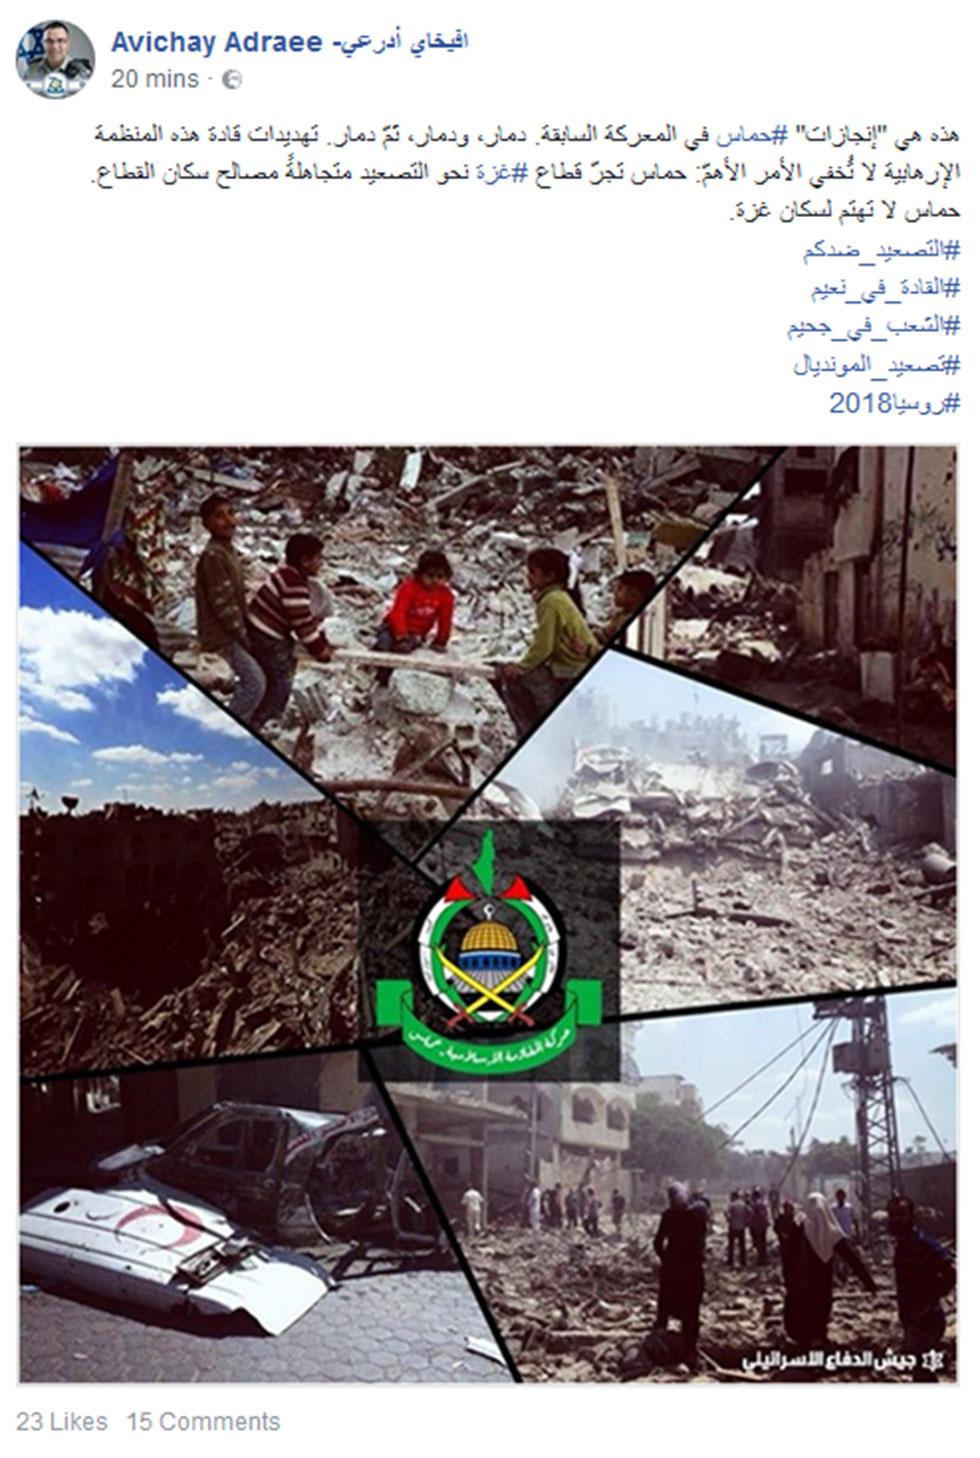 The IDF spokesman's post in Arabic